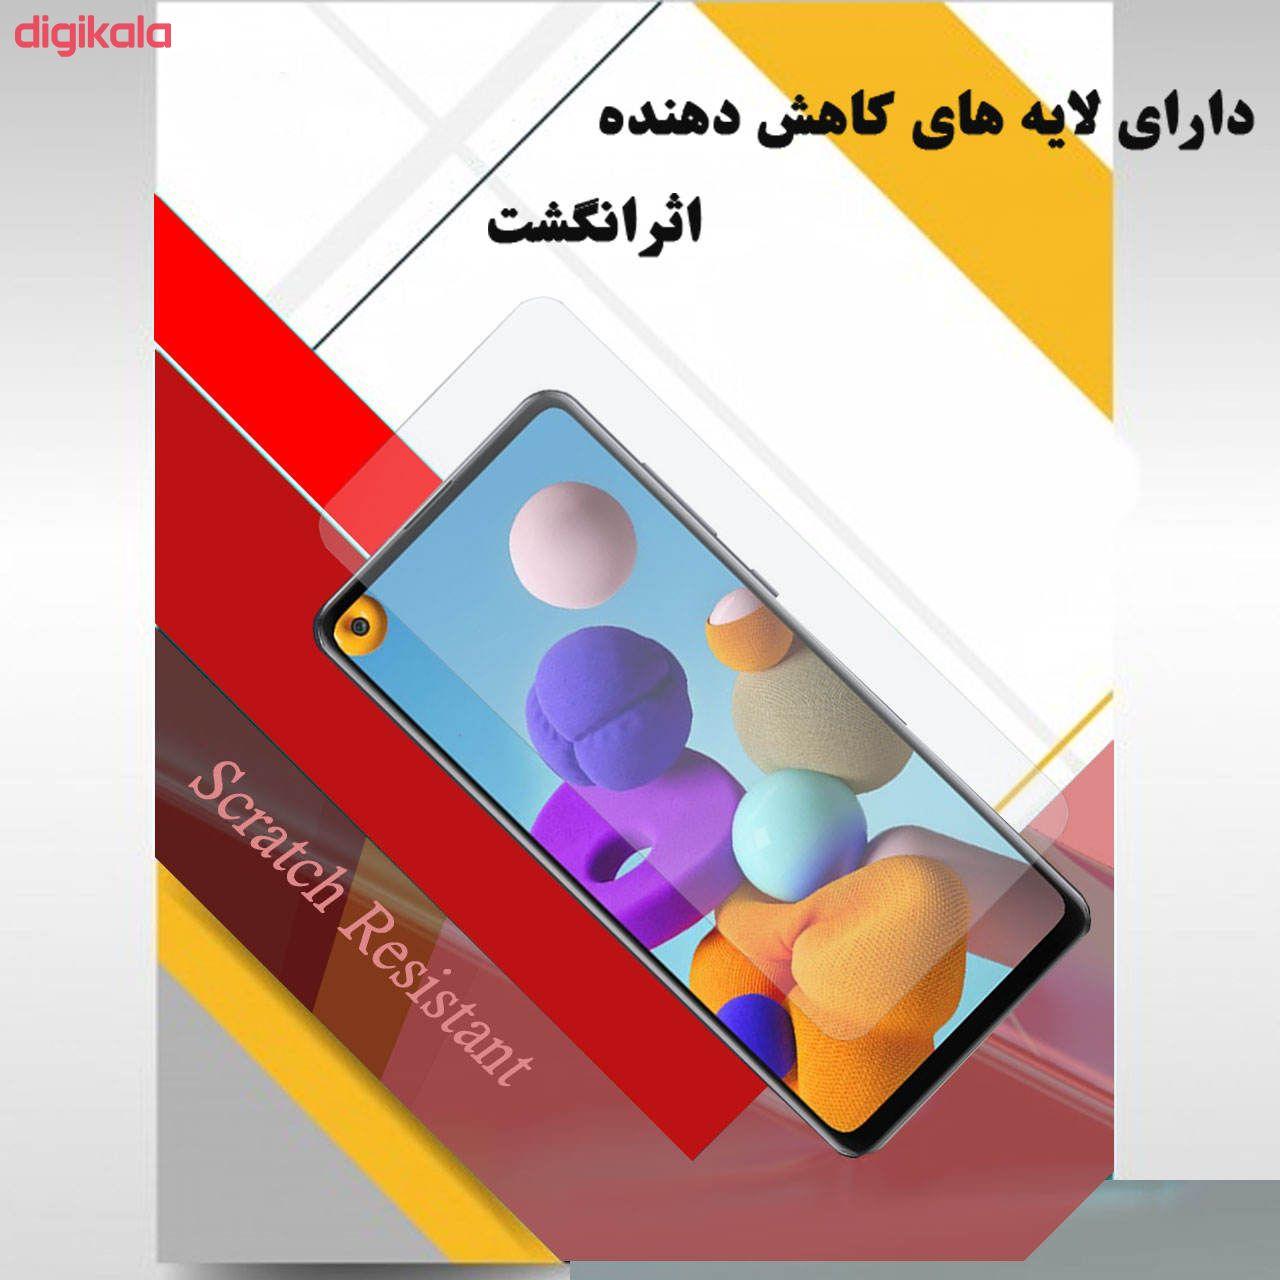 محافظ صفحه نمایش فوکس مدل PR001 مناسب برای گوشی موبایل سامسونگ Galaxy A21s main 1 15